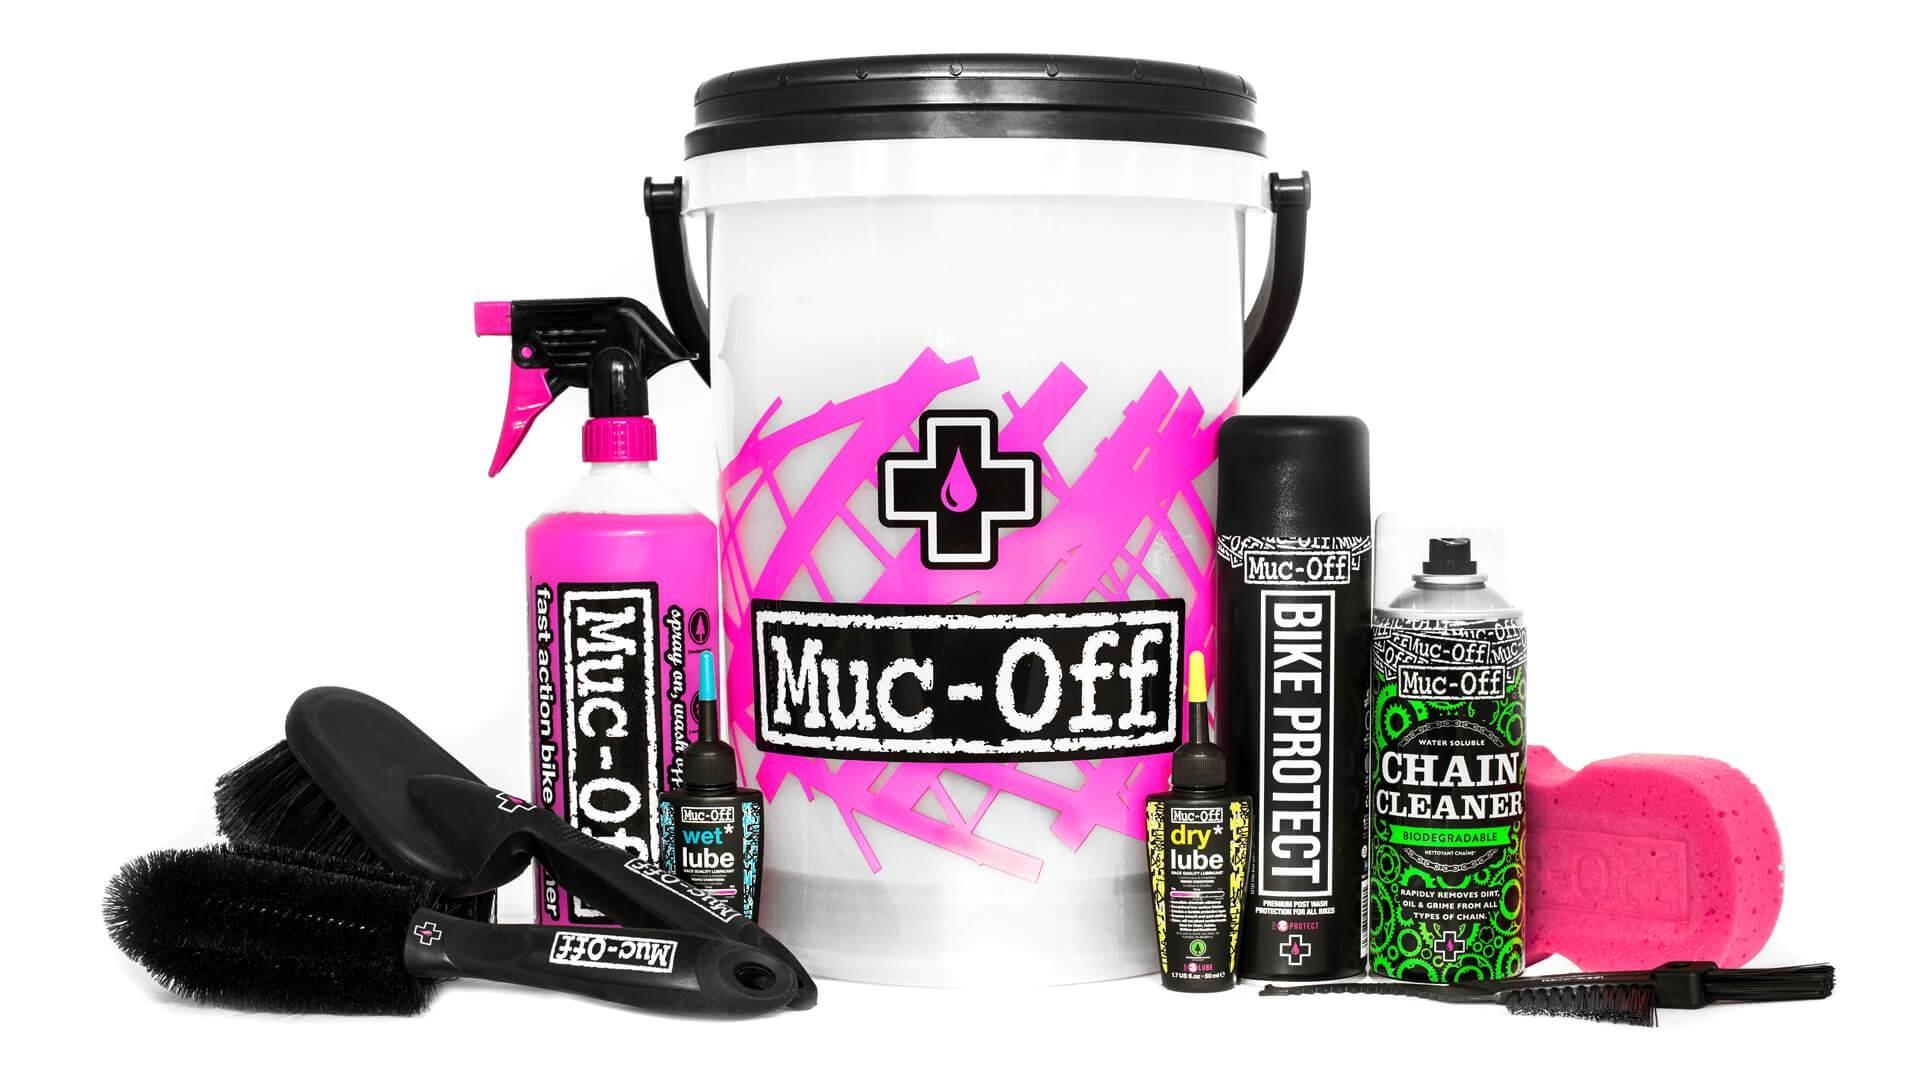 Kit nettoyage et entretien vélo Muc-Off Bucket Kit 13 litres